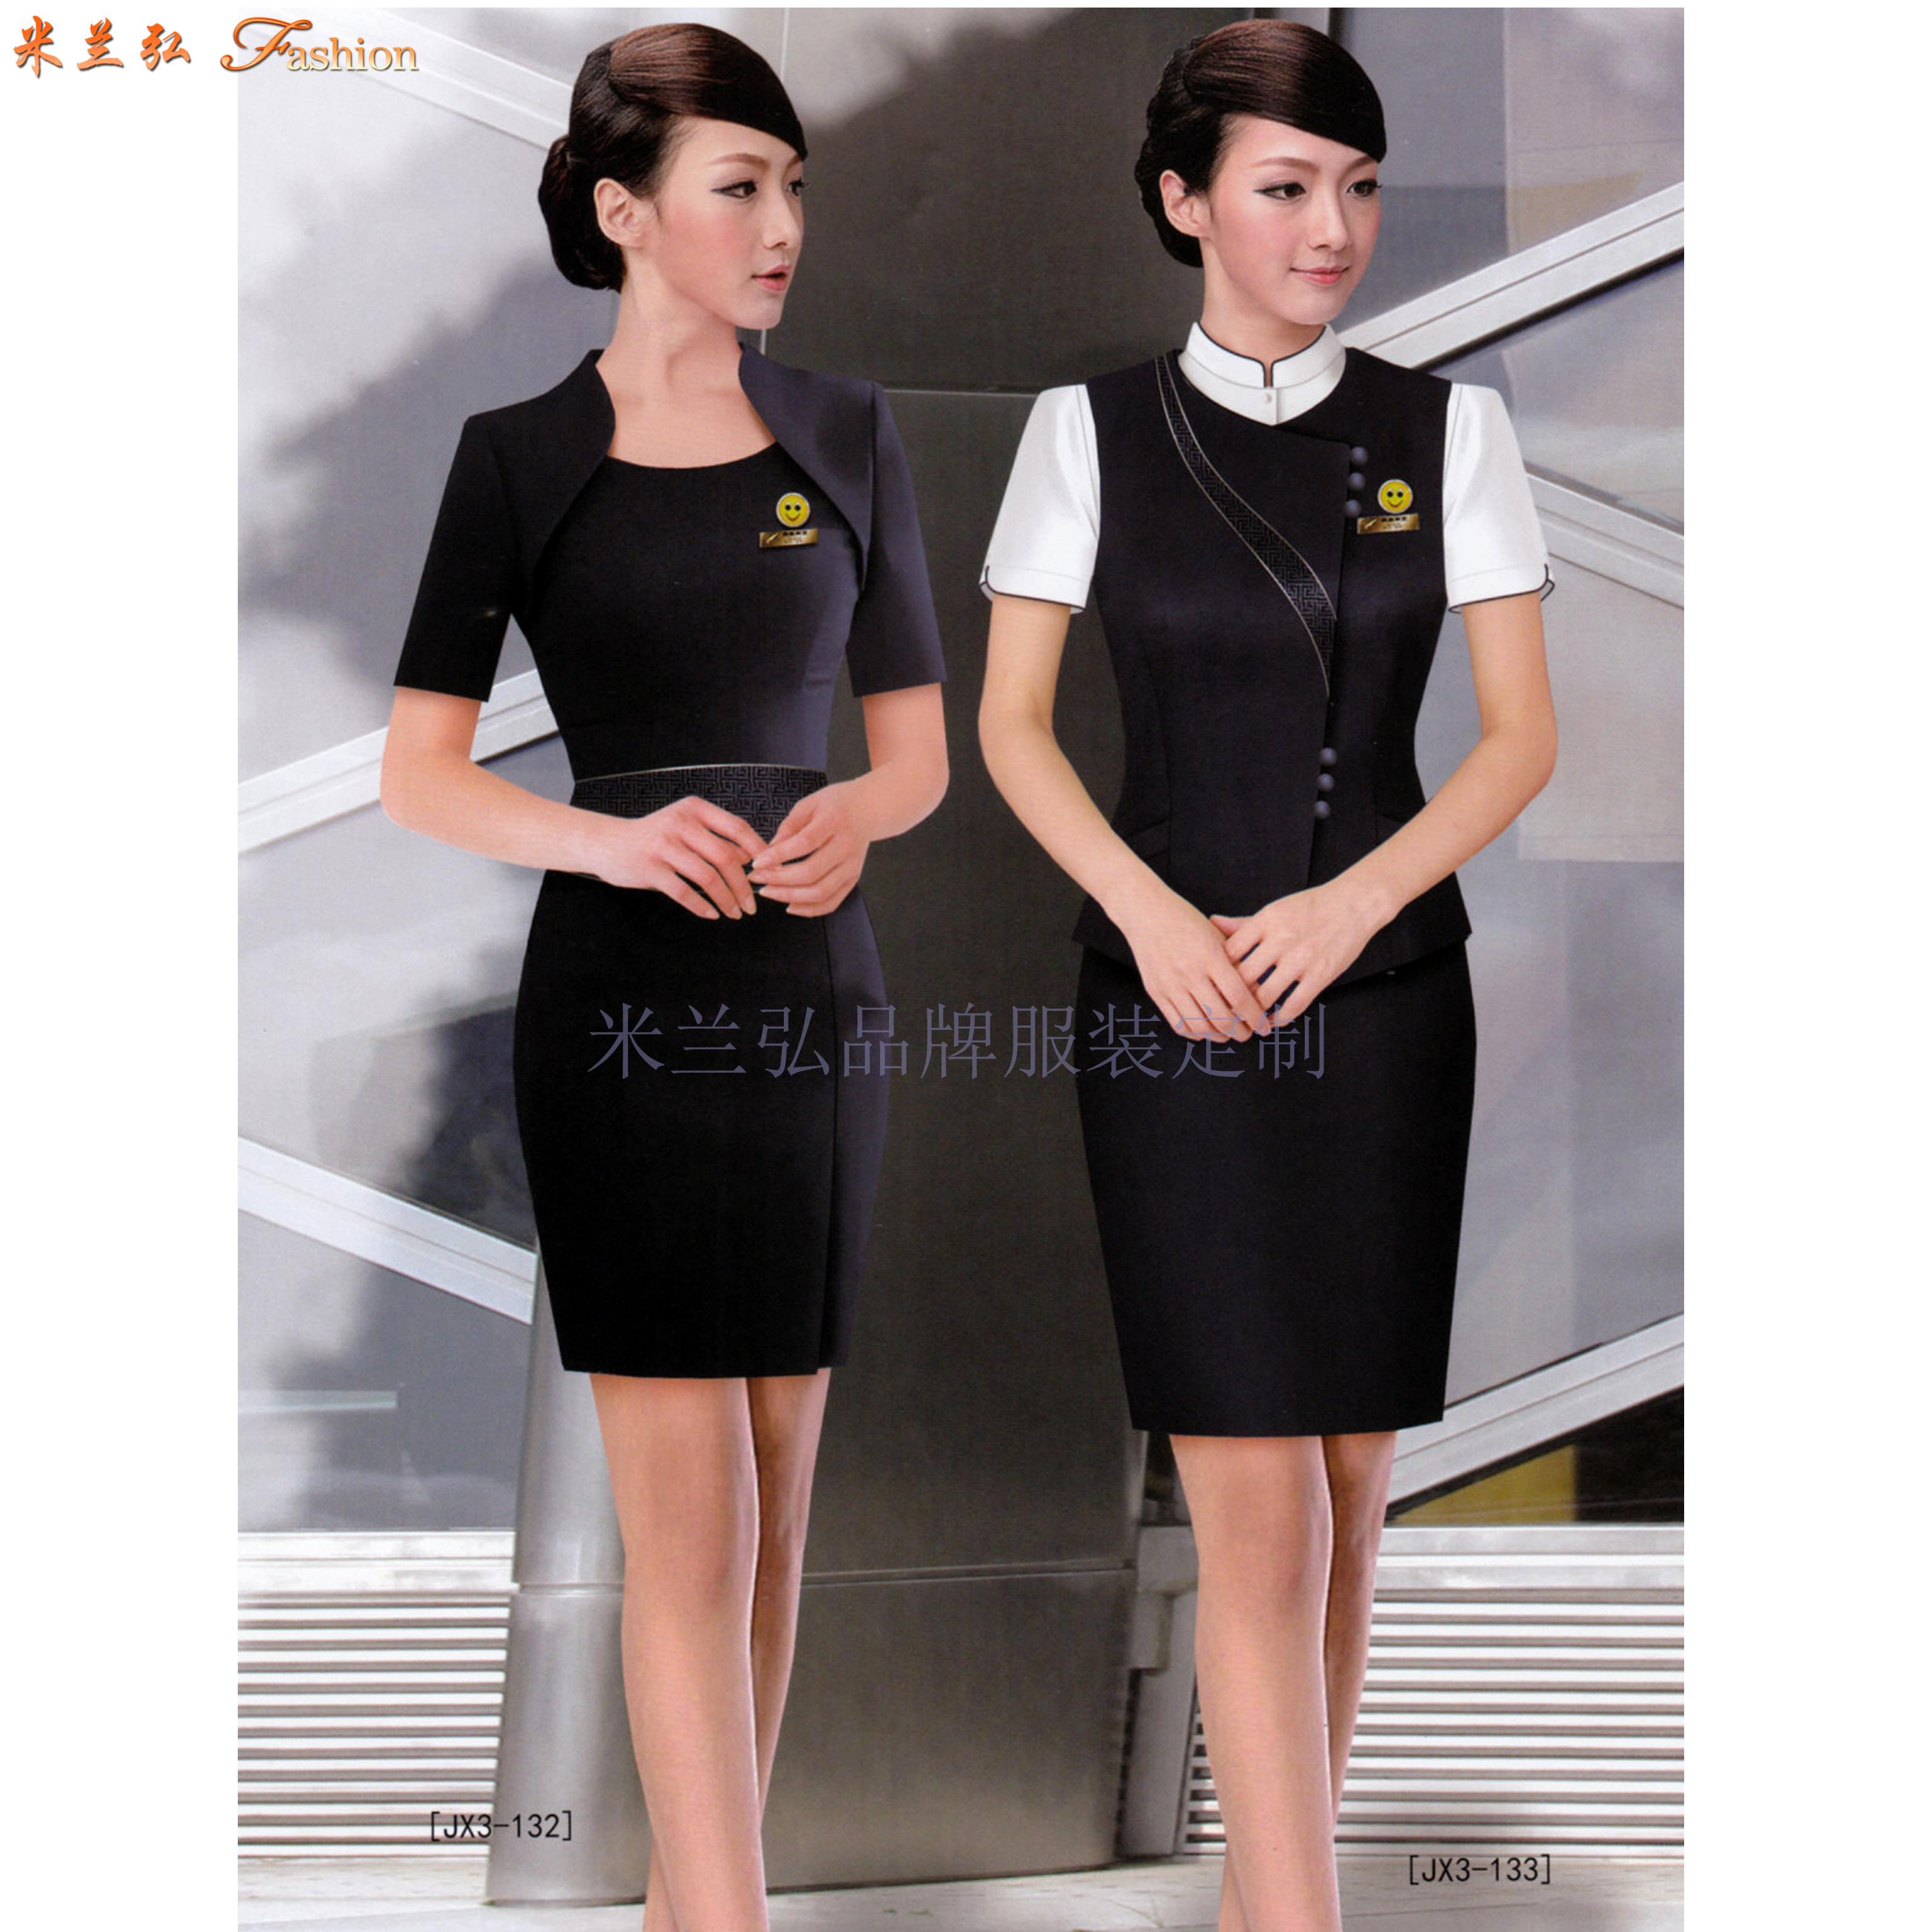 「濟南空姐服定制」「濟南空乘服訂做」推薦式樣時髦米蘭弘服裝-5